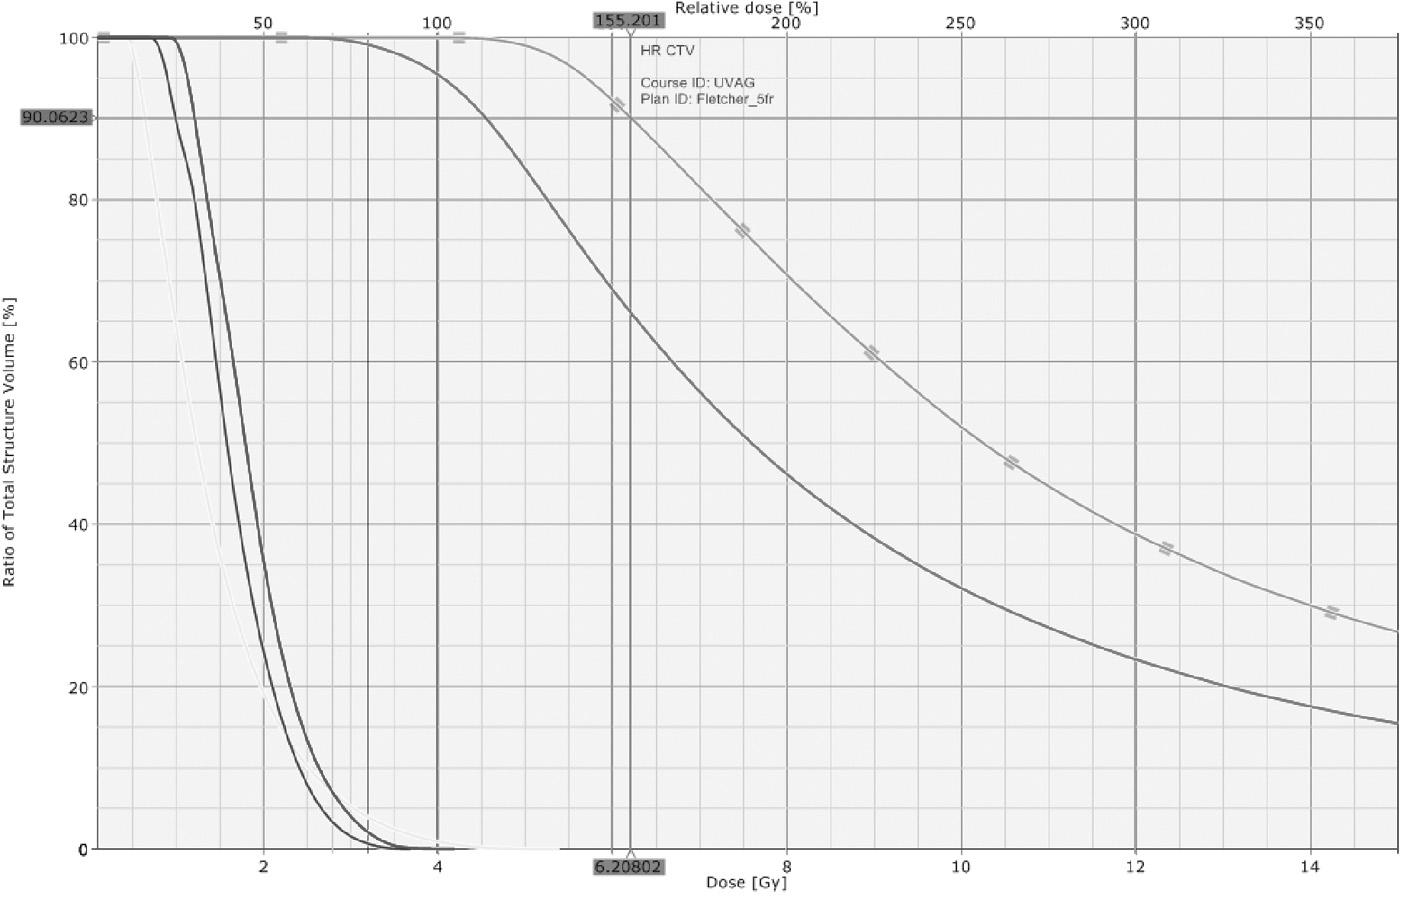 Rozložení dávky ve formě DVH (dose-volume histogramu) při 3D brachyterapii